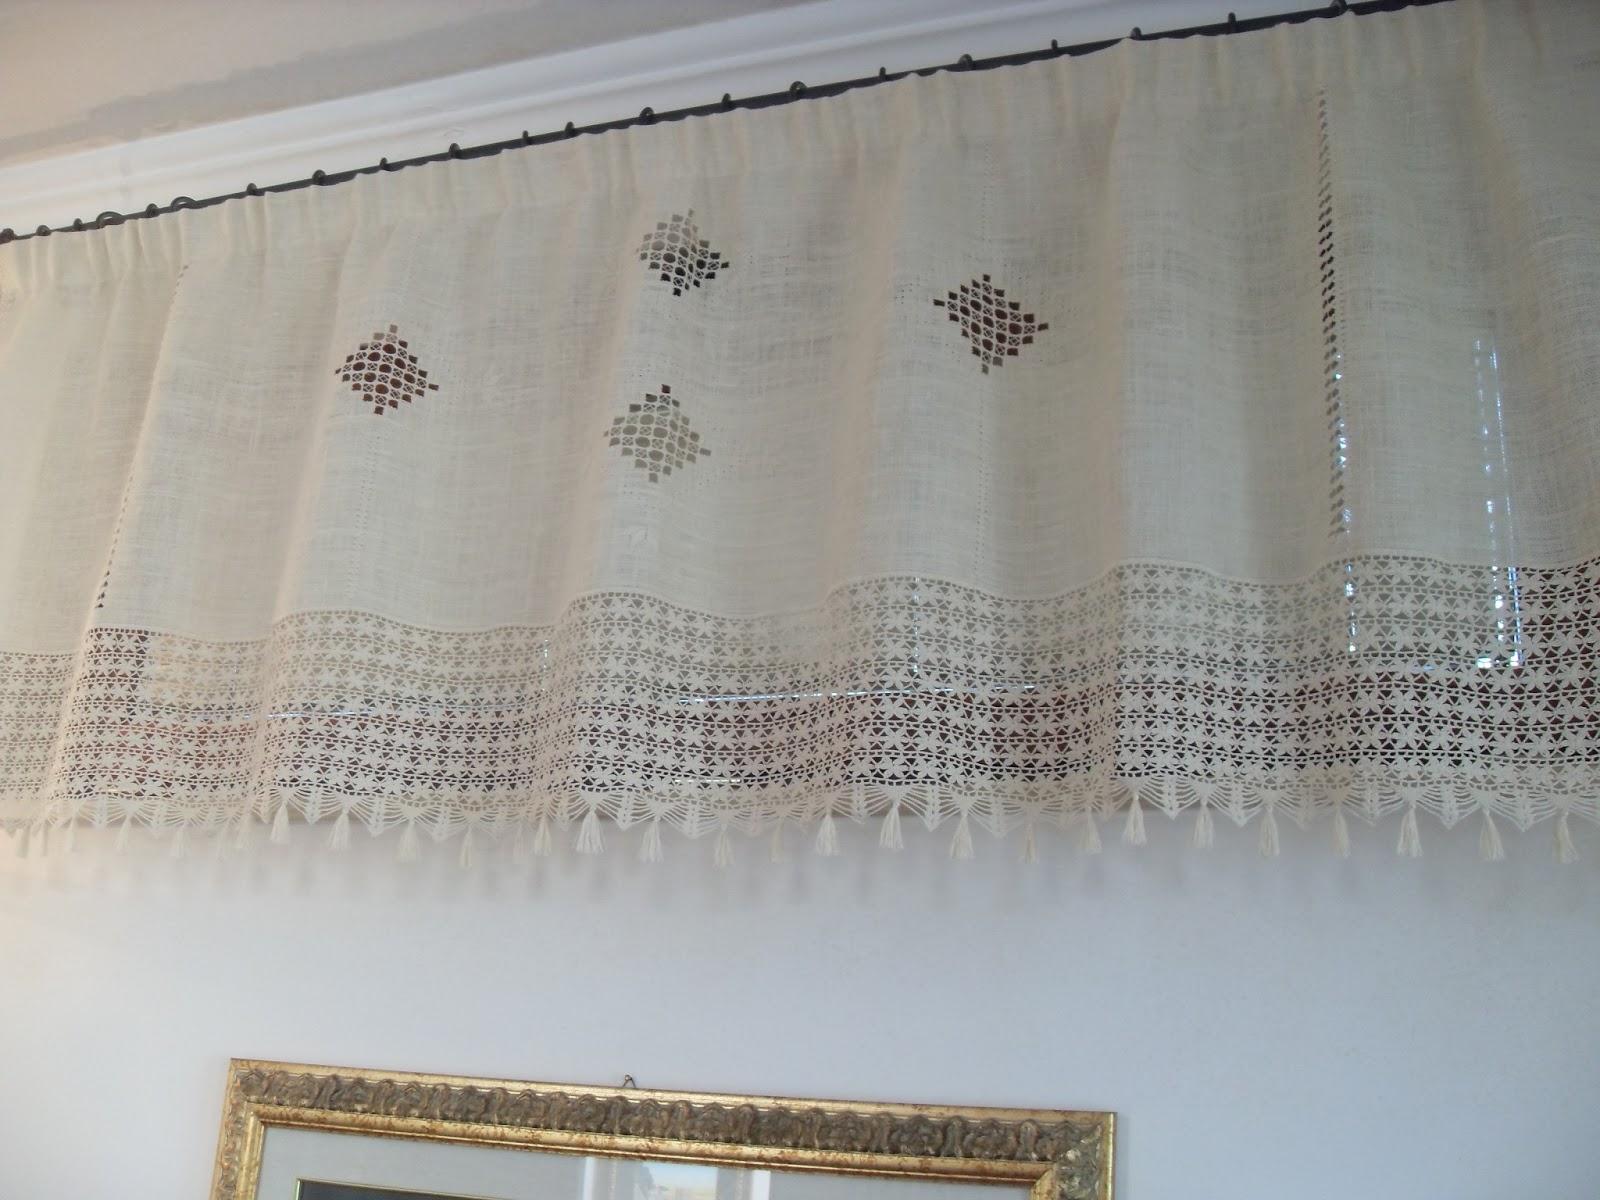 Piccoli lavori tenda con hardanger merletto all 39 uncinetto for Pizzi all uncinetto per lenzuola